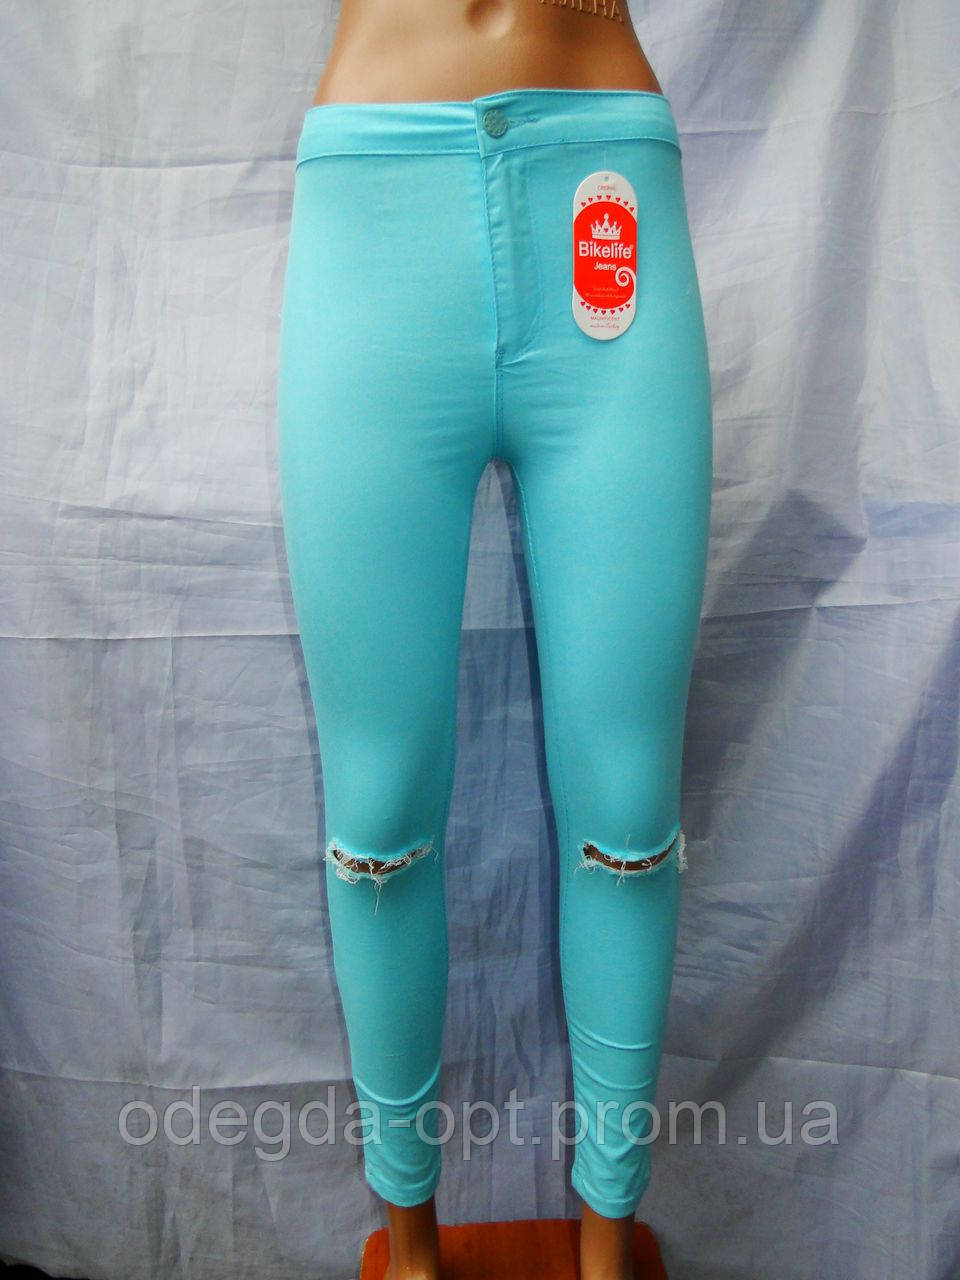 Джинсы женские модные стрейч+котон норма качественные купить оптом в Одессе не дорого 7км, фото 1